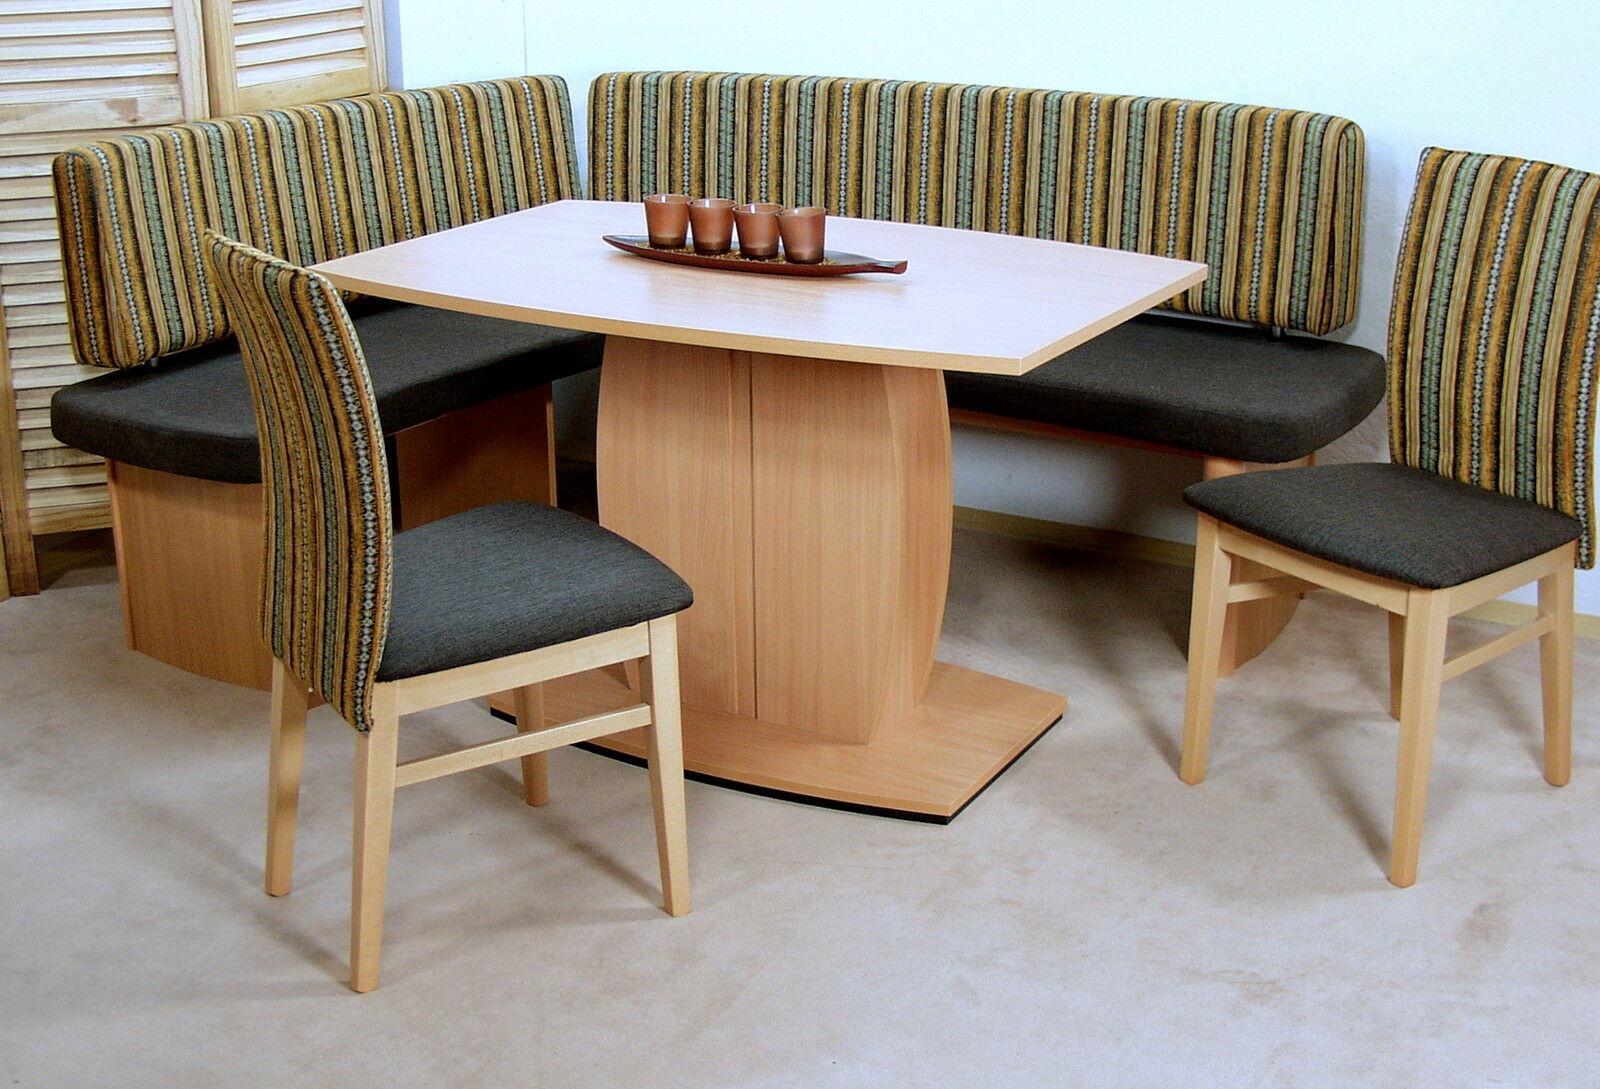 Wunderschön Moderne Eckbank Sammlung Von Eckbankgruppe 4 Teilig Buche Terra Tisch Massiv